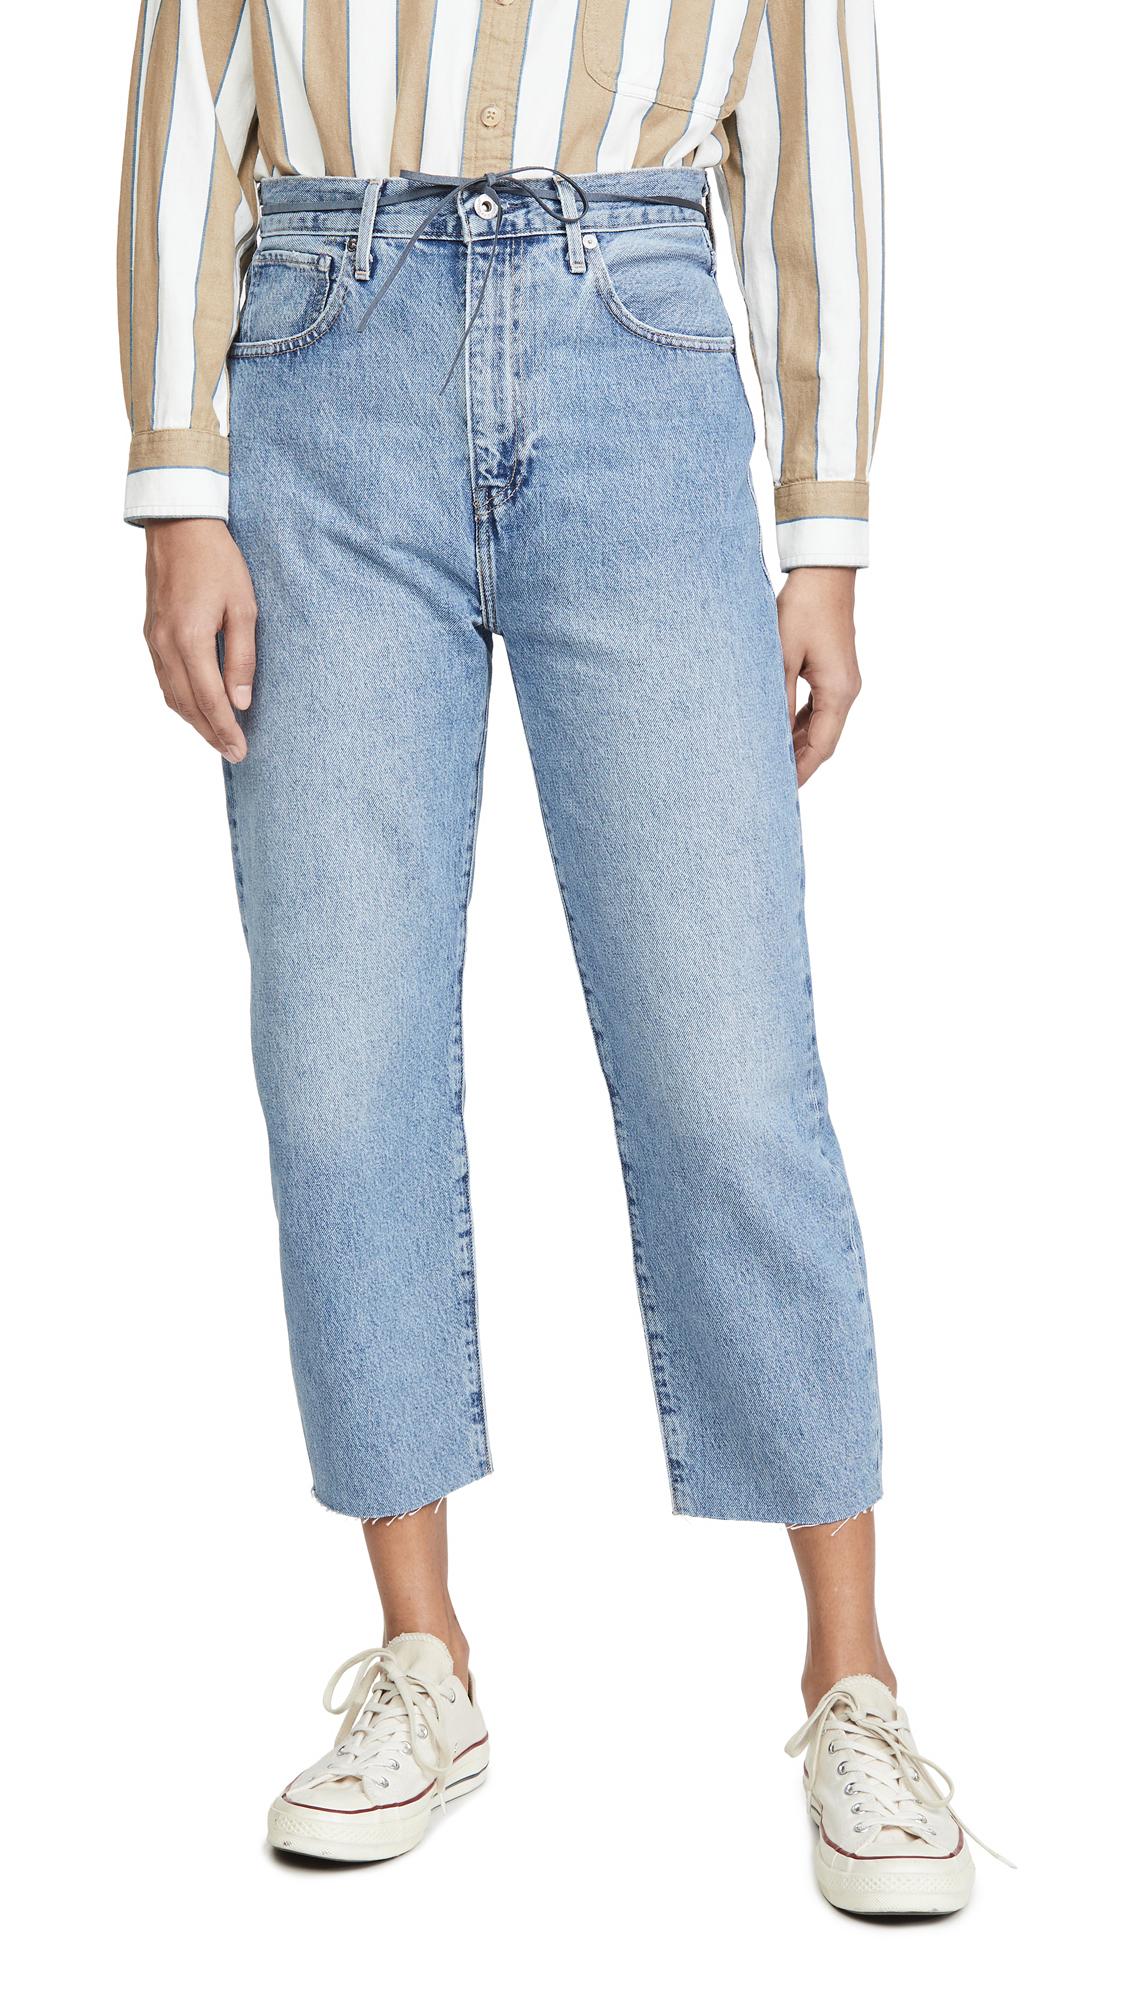 Levis Lmc Barrel Jeans - Palm Blues